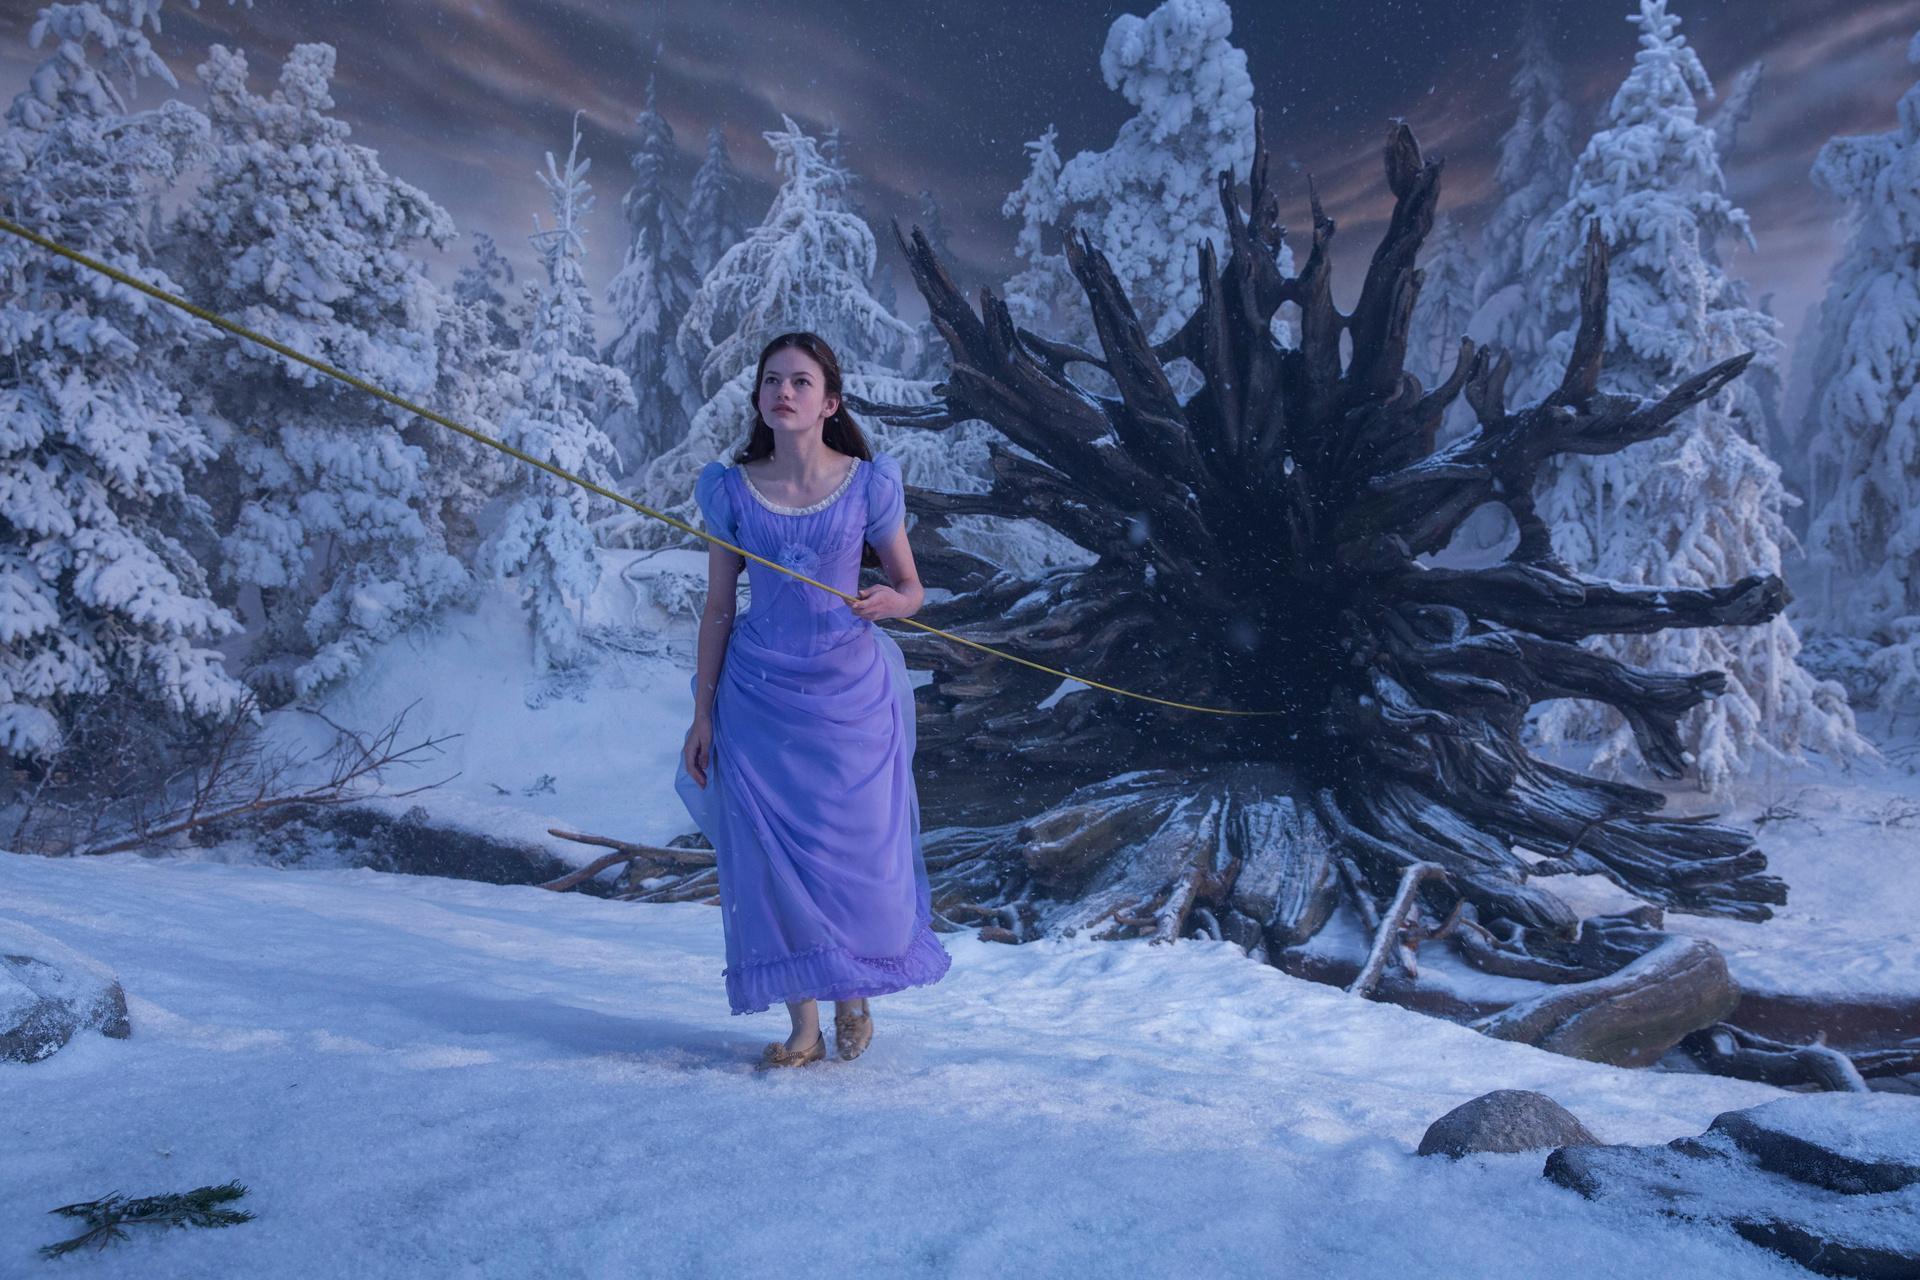 Umsteigepunkt: Clara (Mackenzie Foy) gelangt durch eine Baumwurzel in die verschneite Fantasiewelt / © Disney 2018